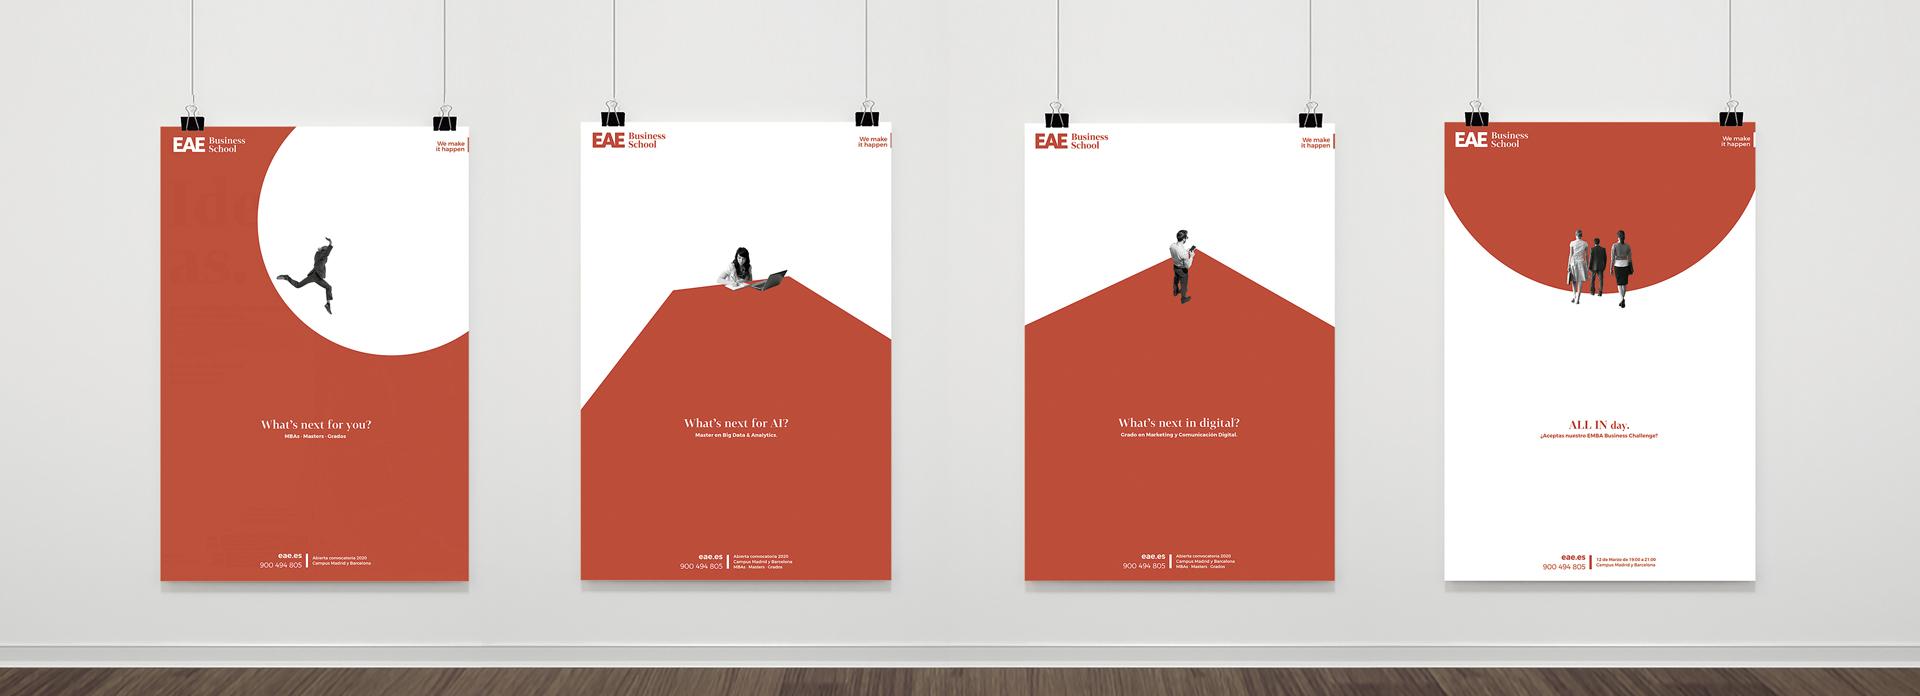 El diseño gráfico hecho call to action de EAE